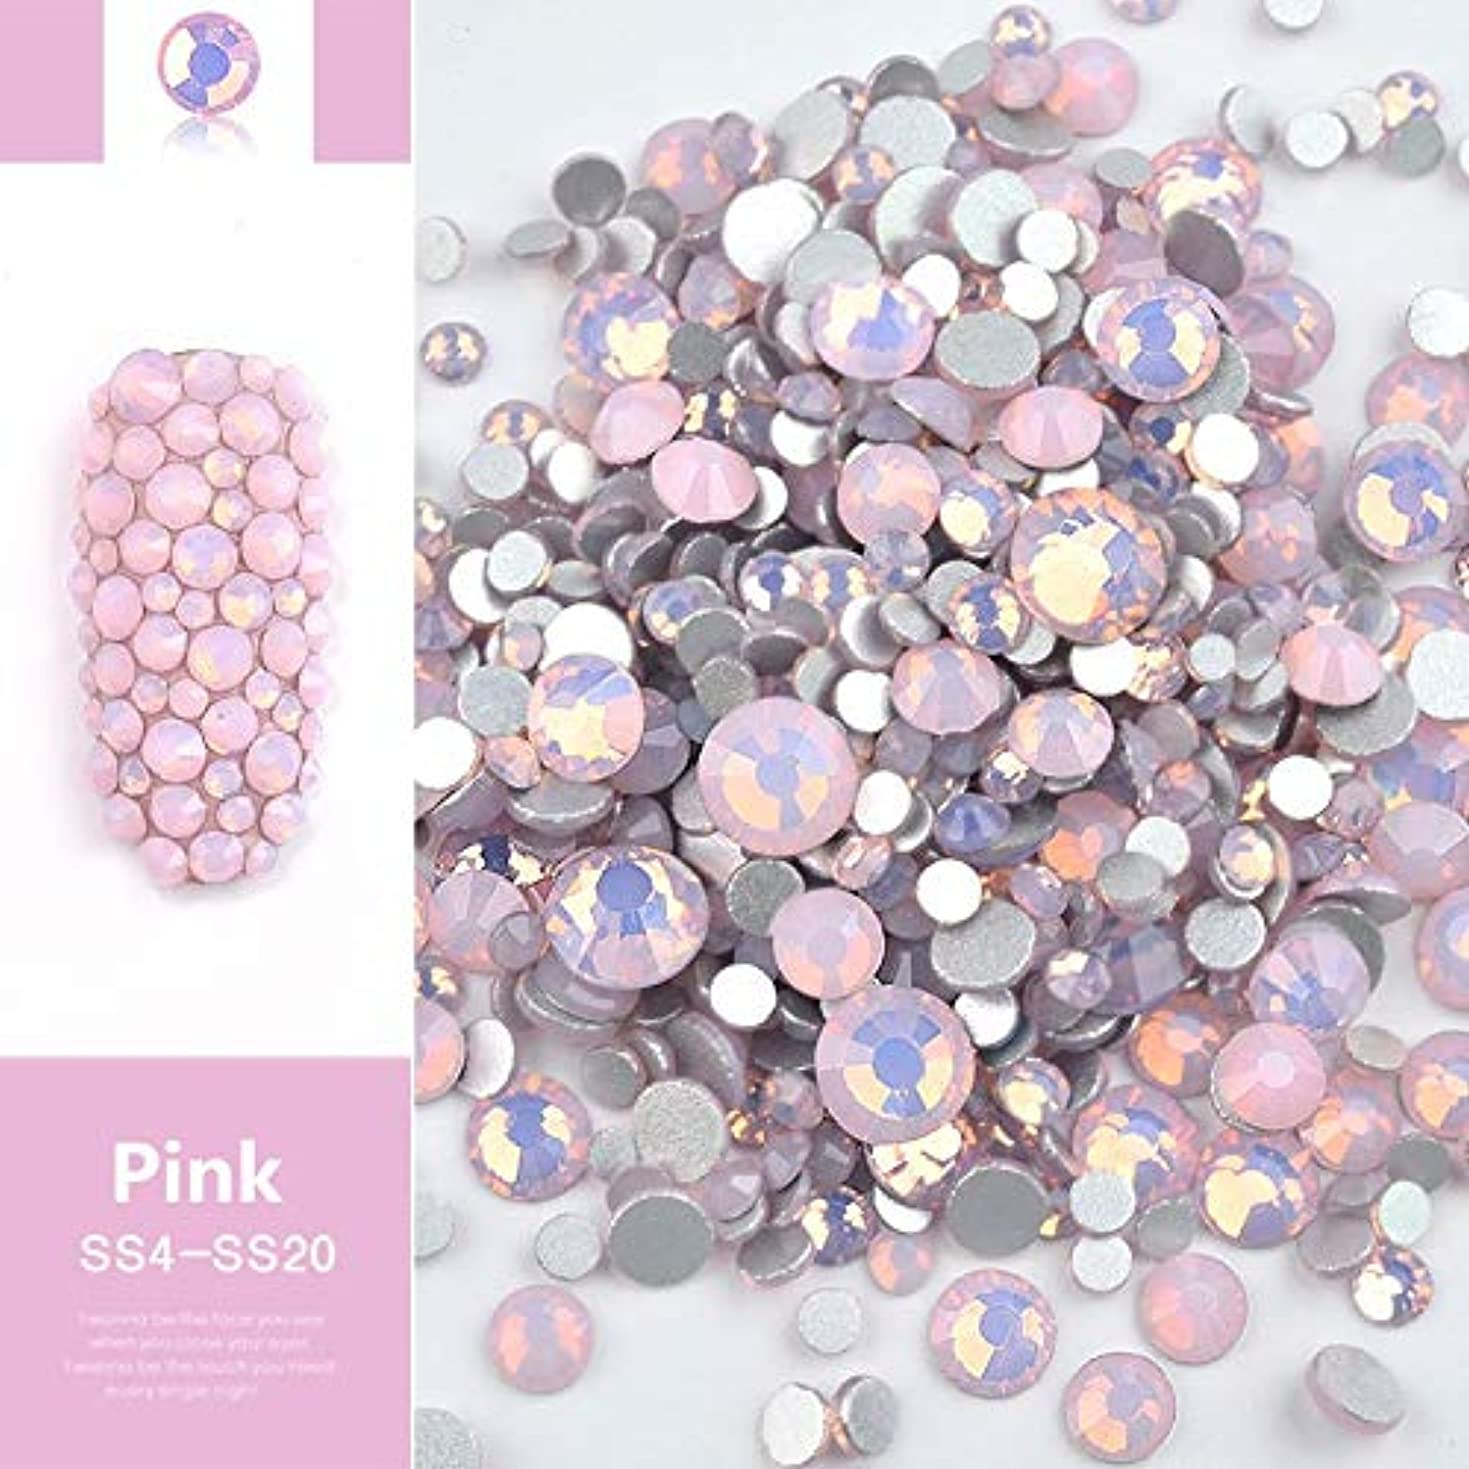 気をつけてトロリー破壊するJiaoran ビーズ樹脂クリスタルラウンドネイルアートミックスフラットバックアクリルラインストーンミックスサイズ1.5-4.5 mm装飾用ネイル (Color : Pink)